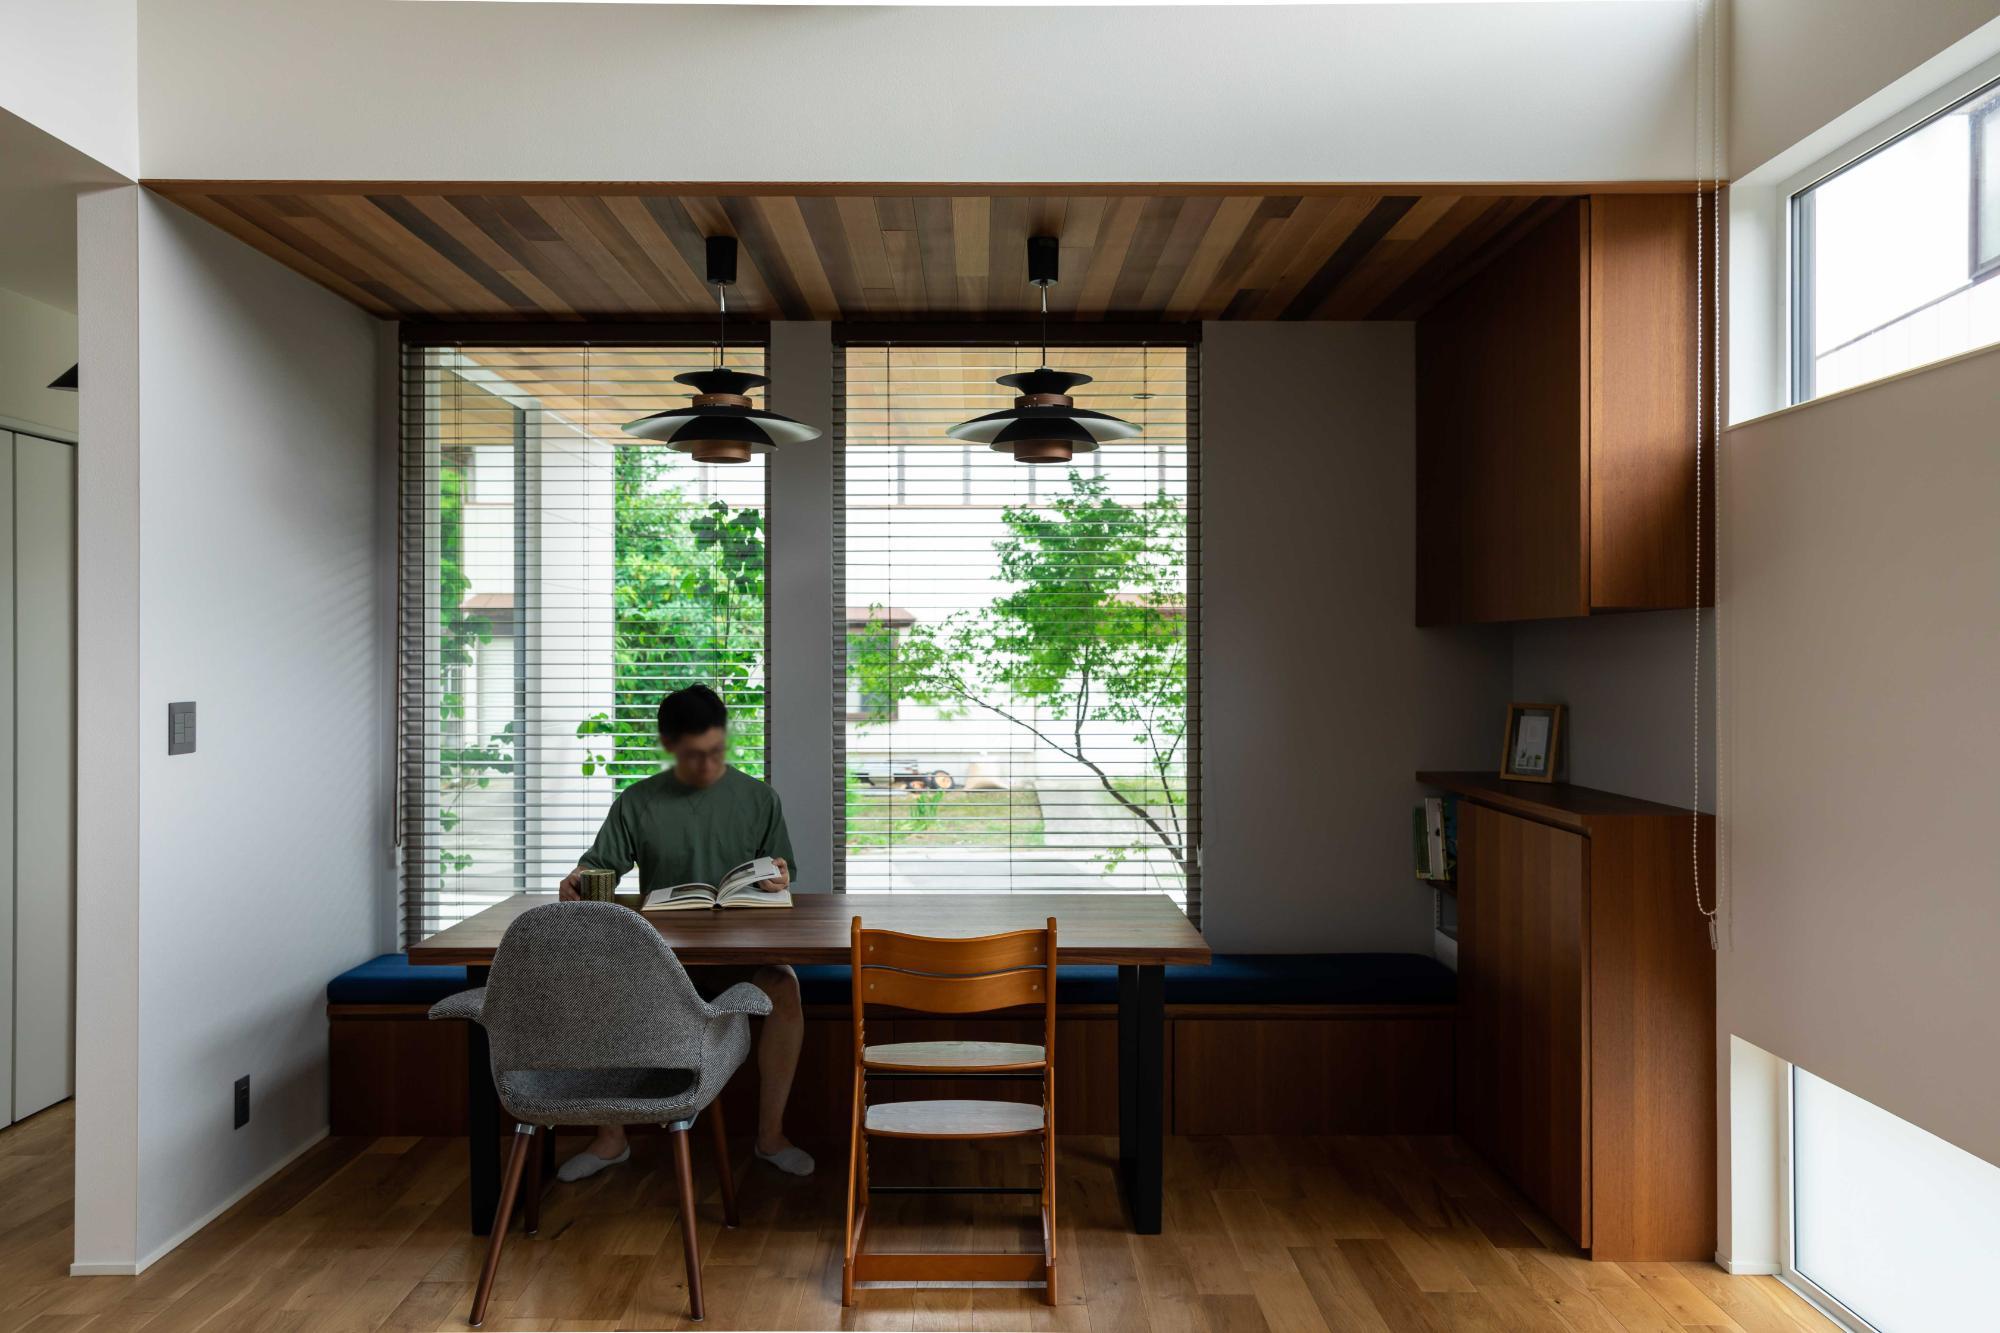 緑が映える大屋根の家の写真5